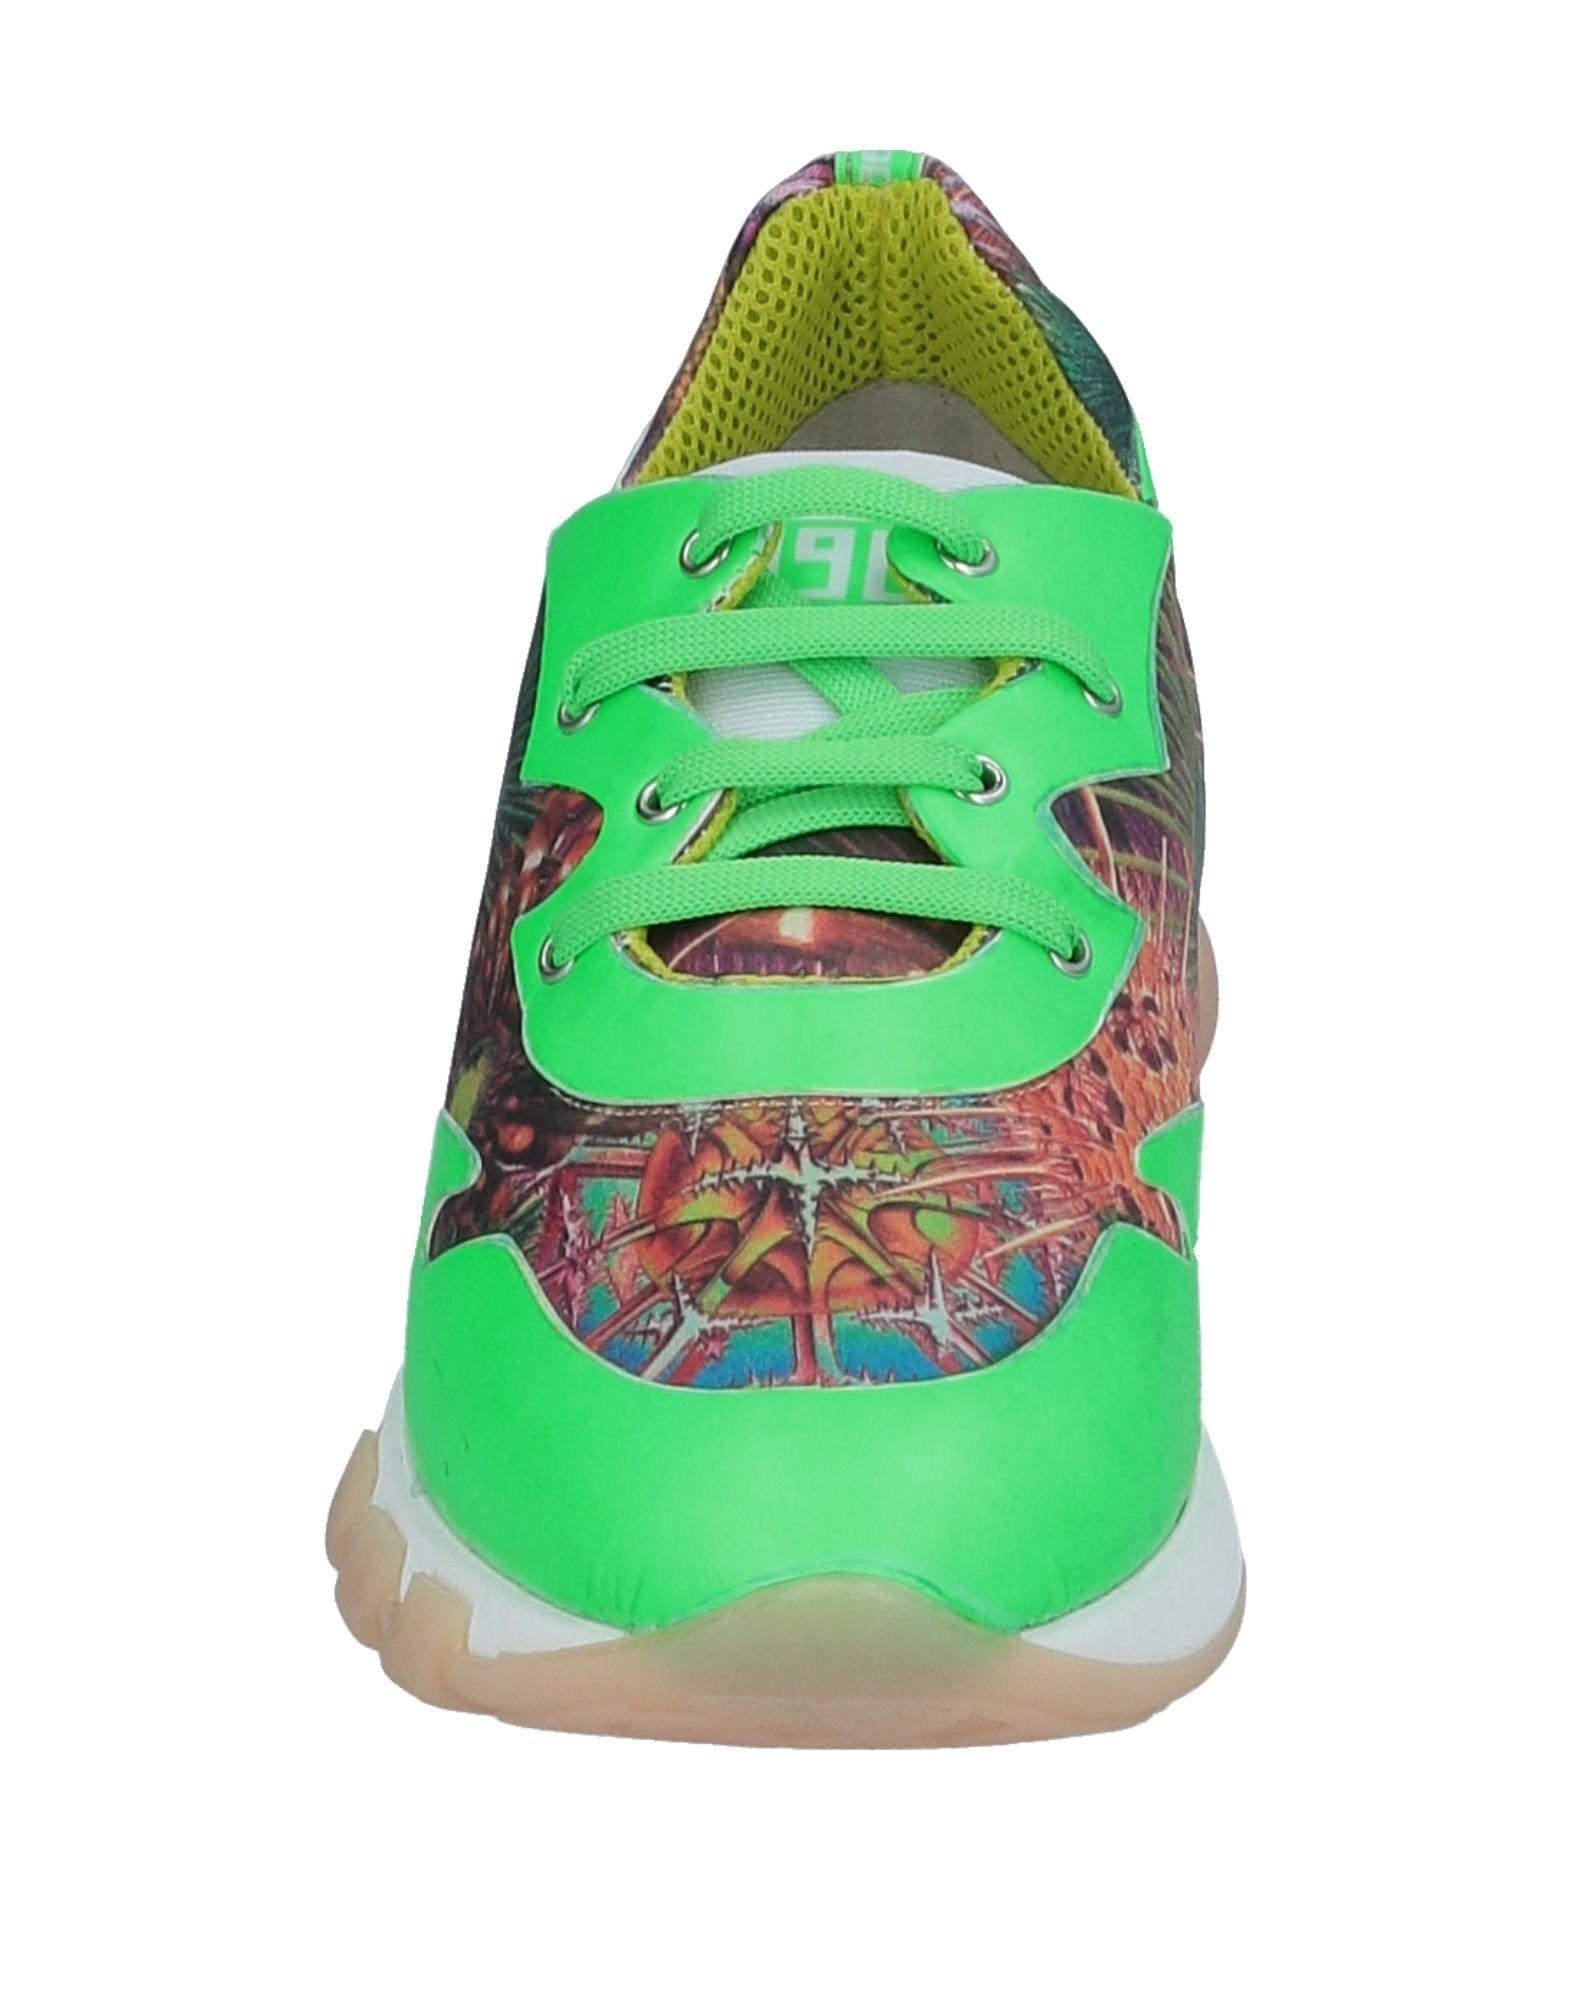 Leonardo Iachini Sneakers - Women Leonardo Iachini Sneakers Sneakers Sneakers online on  Canada - 11522789IA 1e59f7